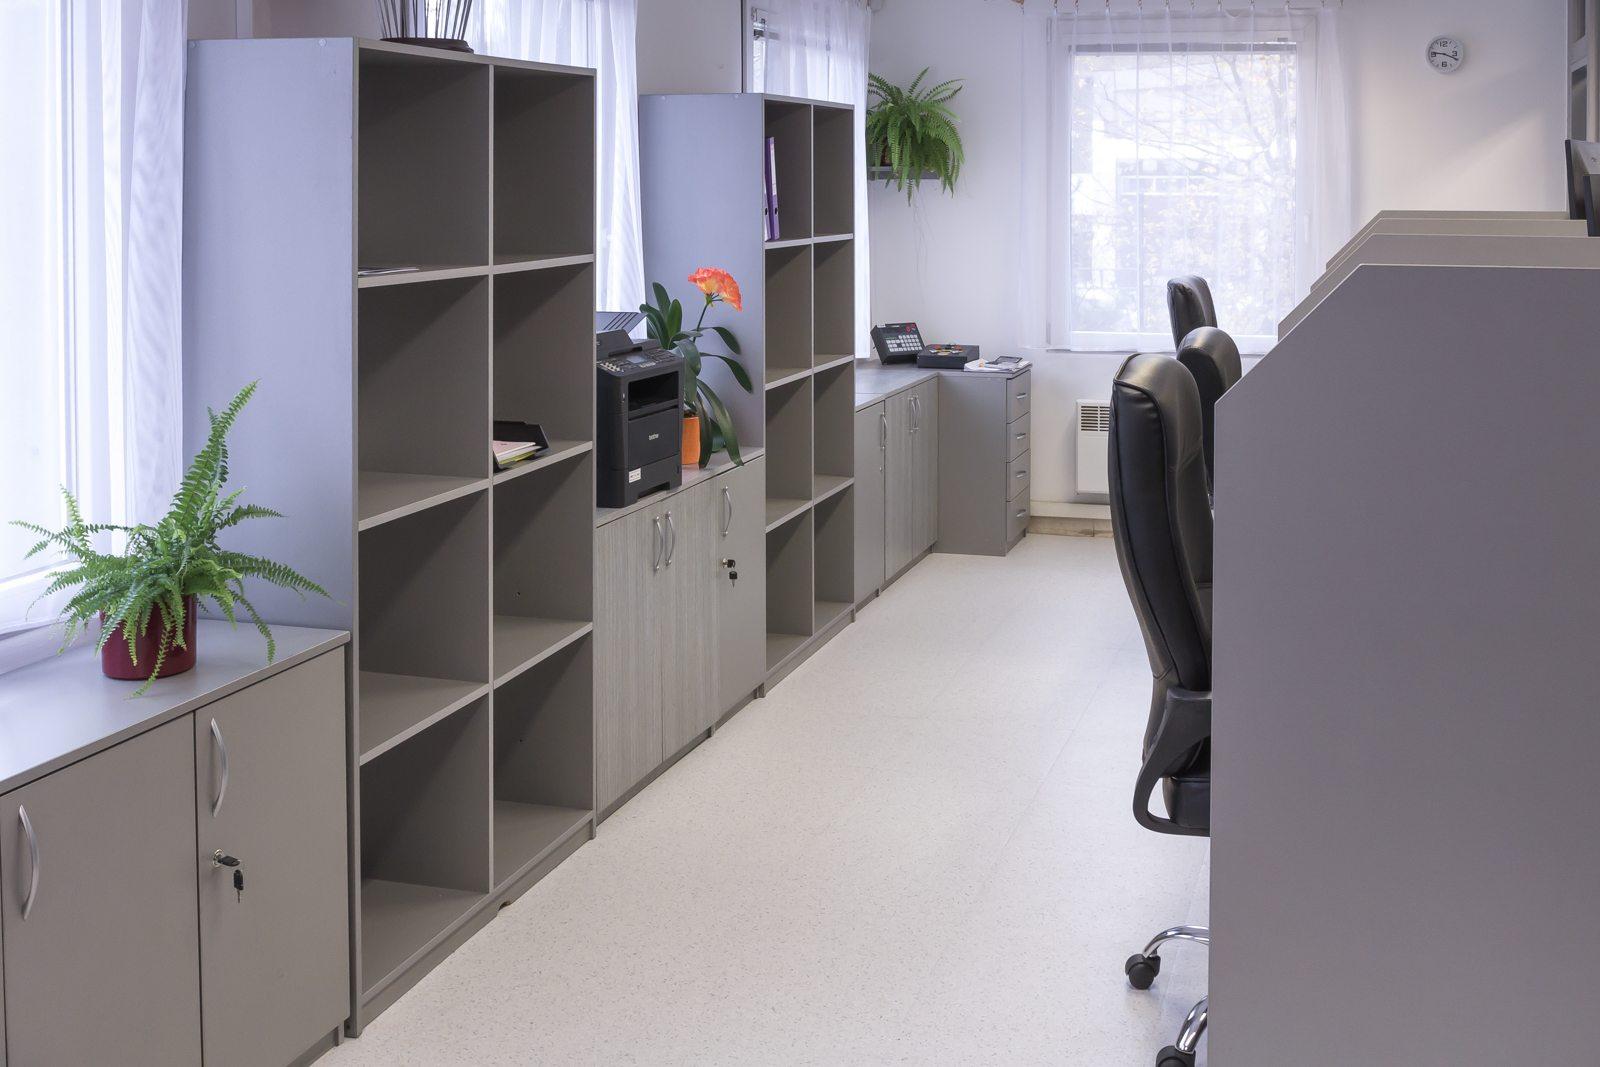 jp solid decor pvc fliese platte j ger plastik. Black Bedroom Furniture Sets. Home Design Ideas